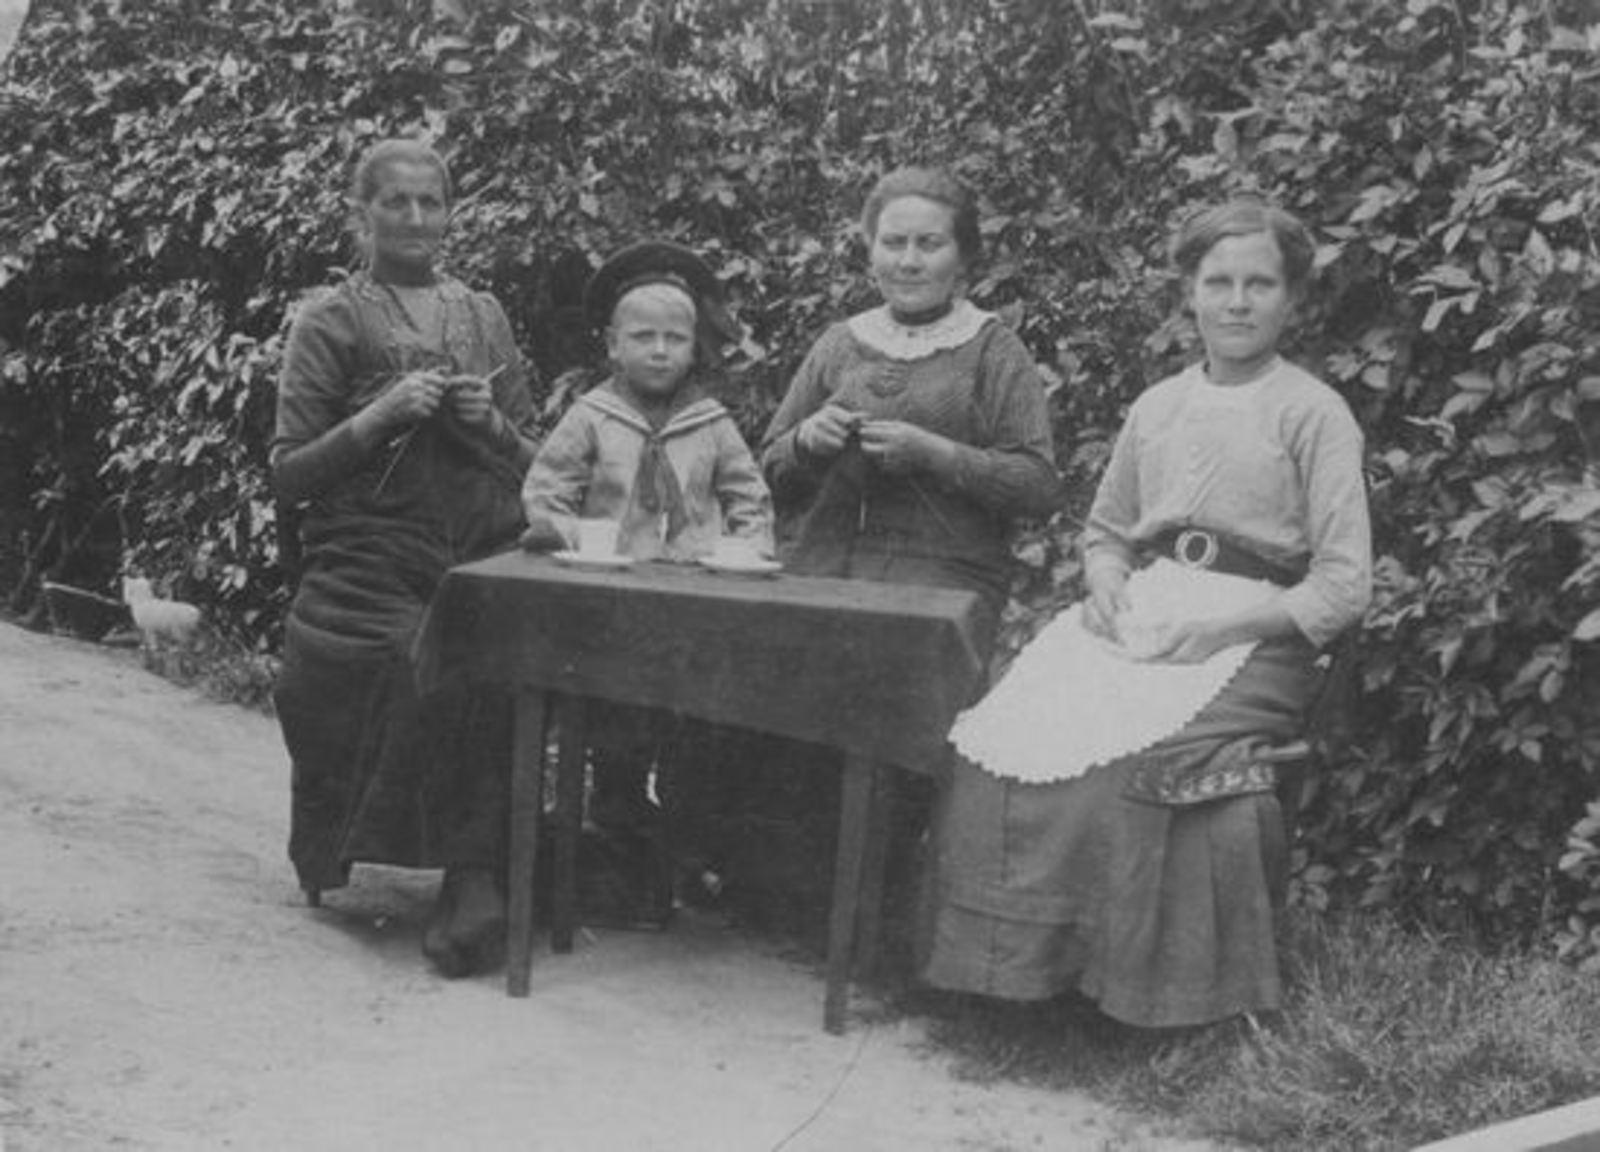 <b>ZOEKPLAATJE:</b>Koter Jan Willem 1866 19__ vrouw Maria Kempe met Onbekend